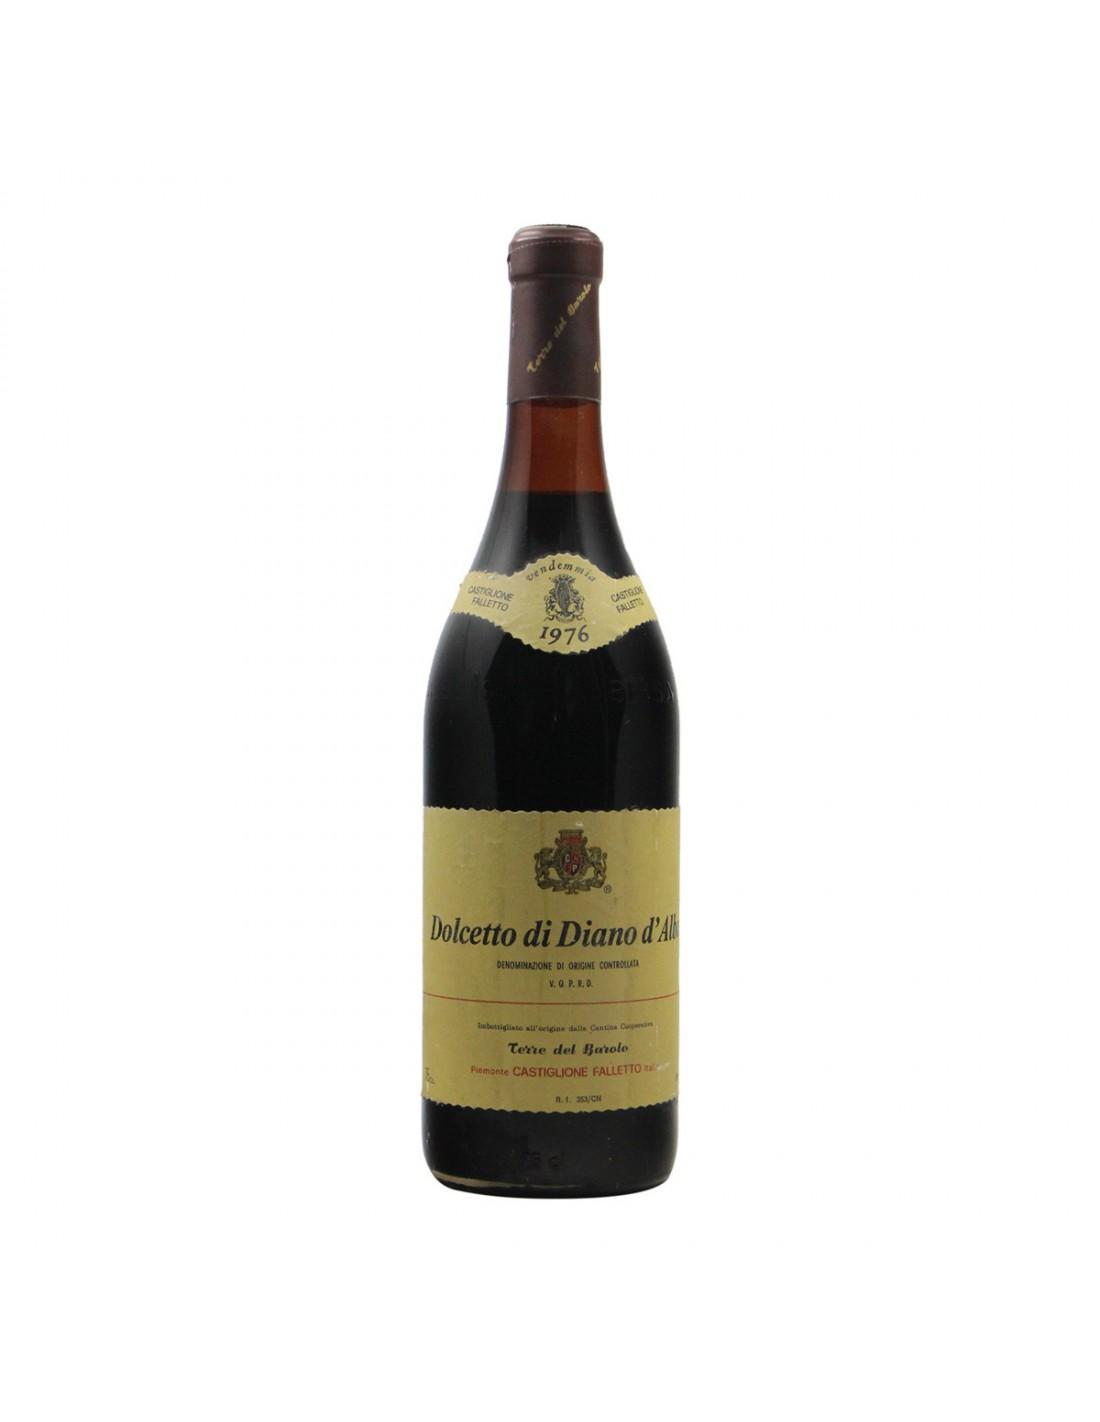 DOLCETTO DI DIANO D'ALBA 1976 TERRE DEL BAROLO Grandi Bottiglie